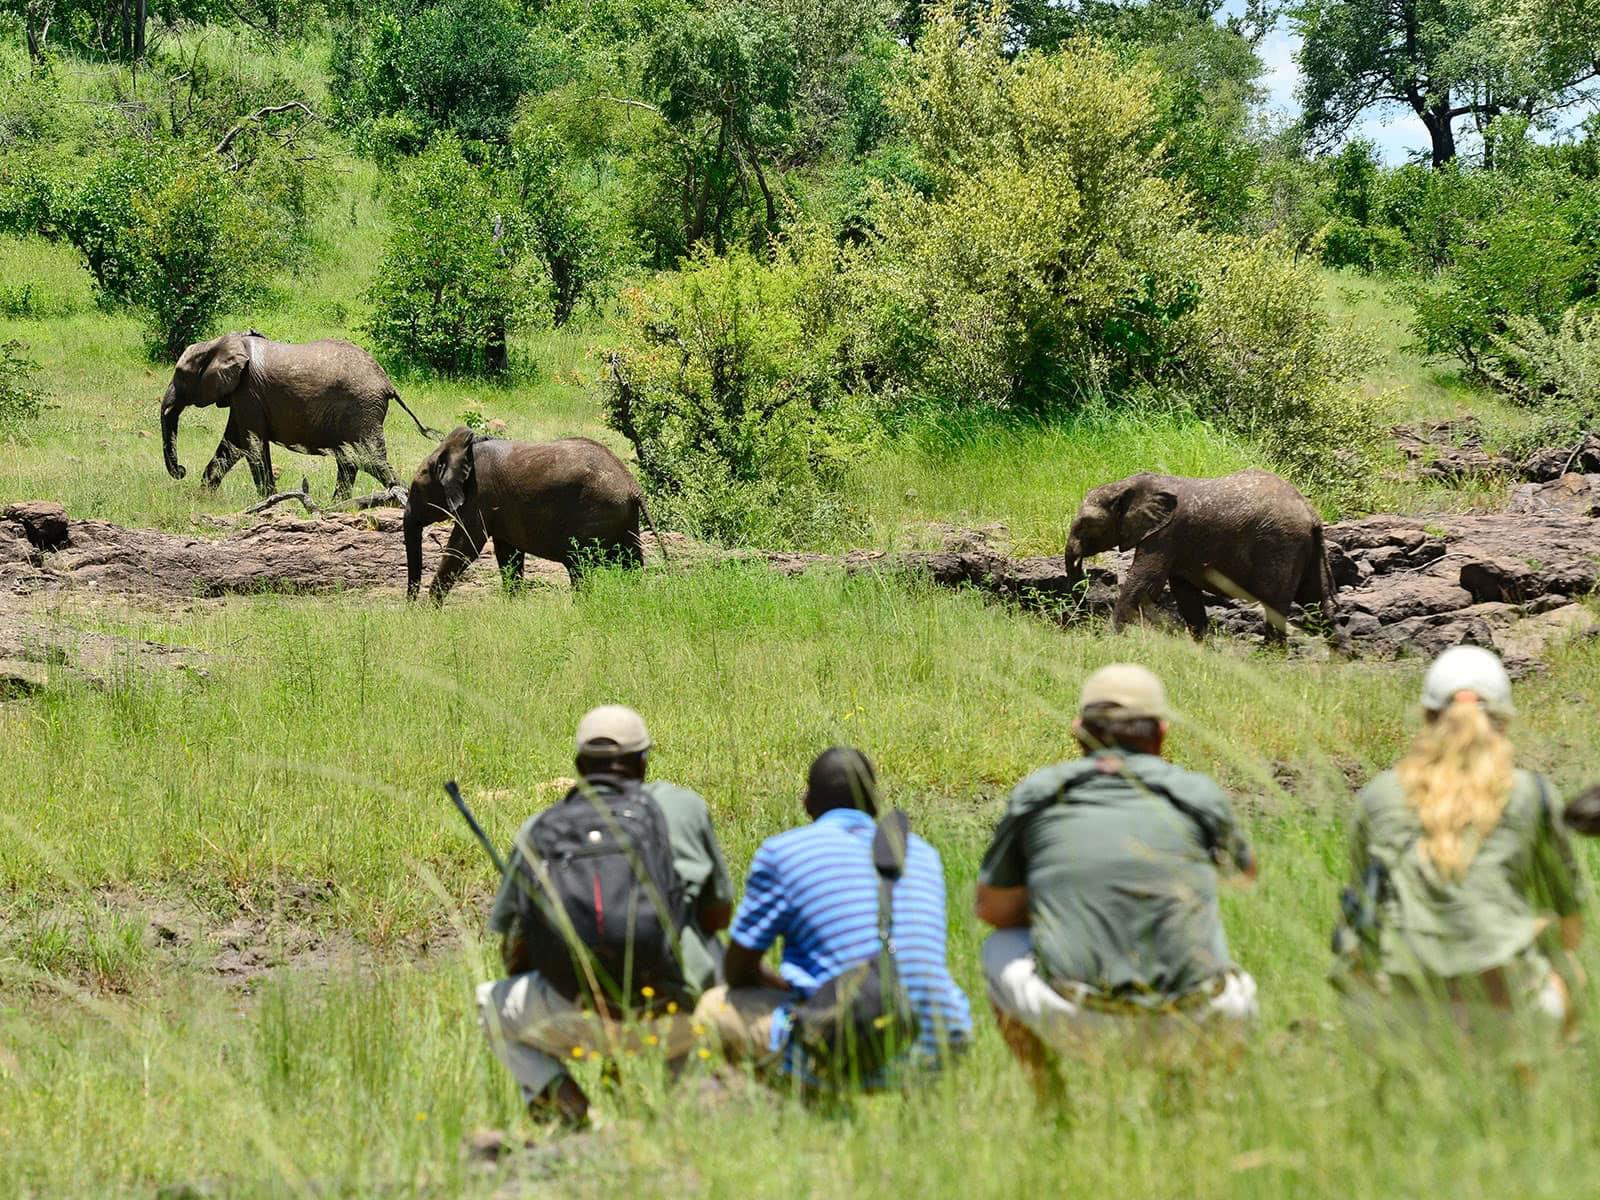 safari-a-pied-dos-2-afrique-du-sud-decouverte